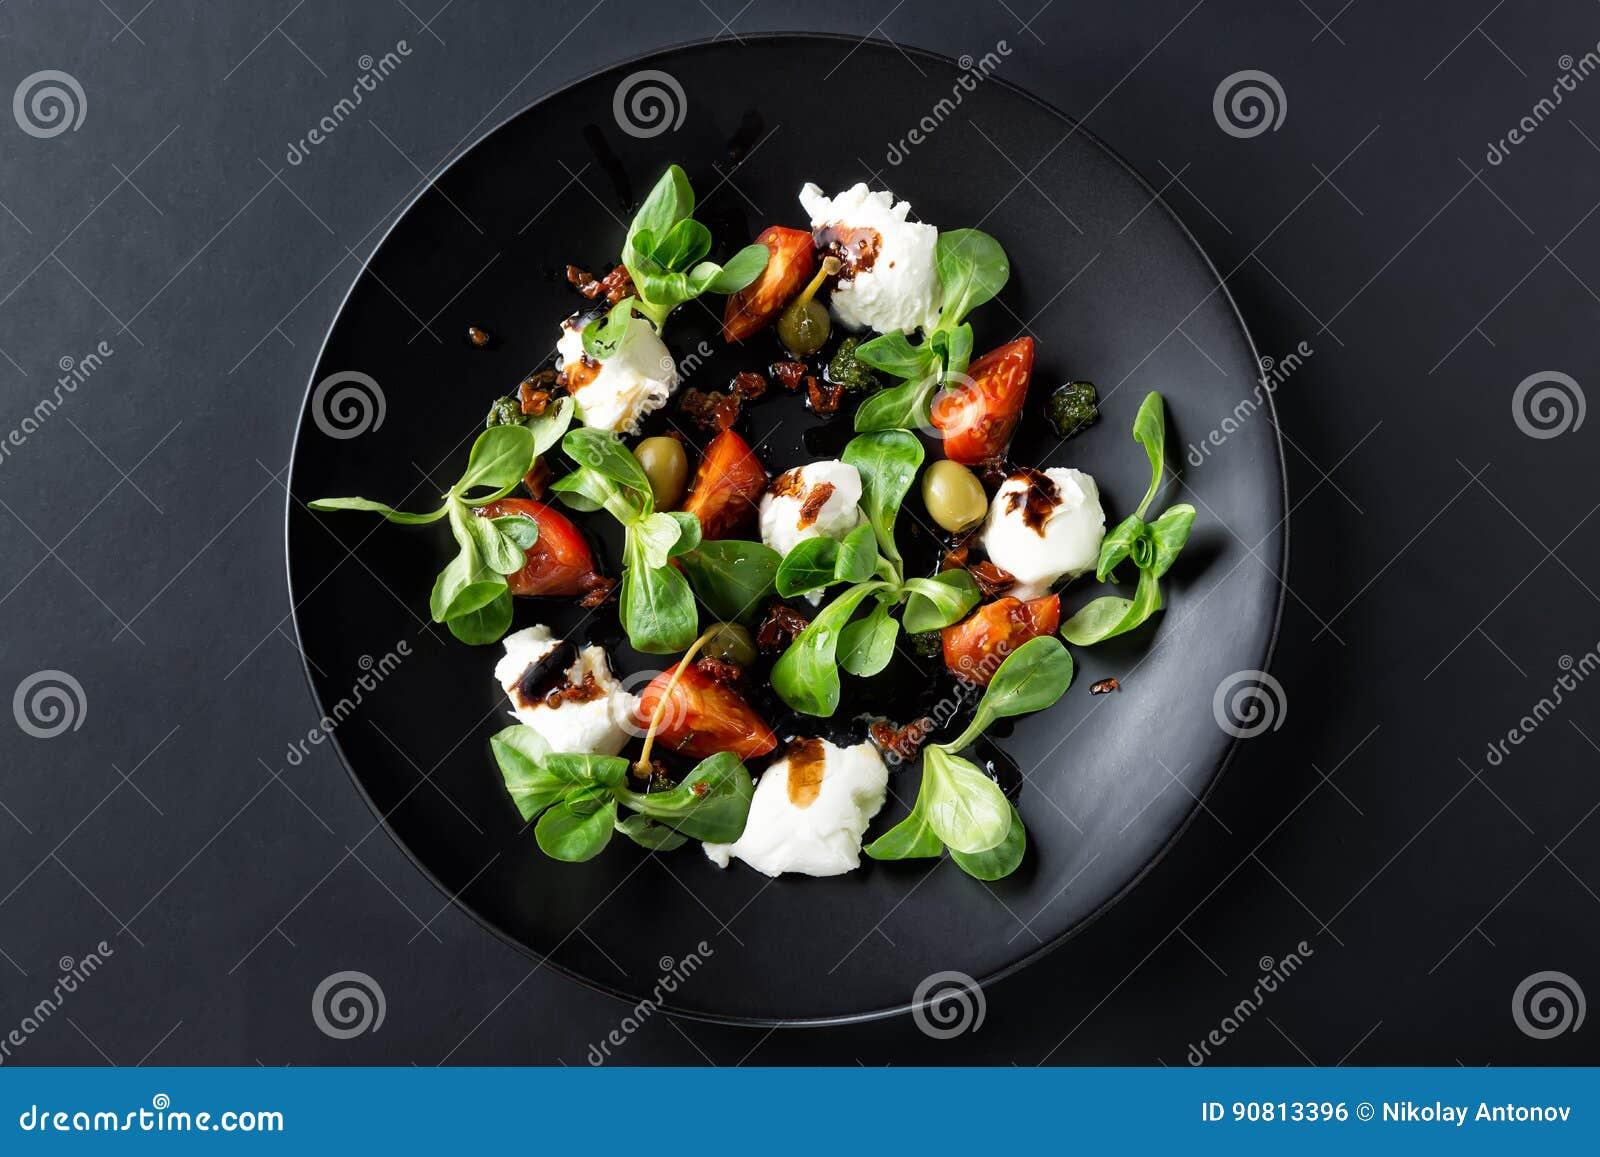 Caprese sallad med mozzarellaen, tomaten, basilika och balsamic vinäger som är ordnade på den svarta plattan och mörkerbakgrund T